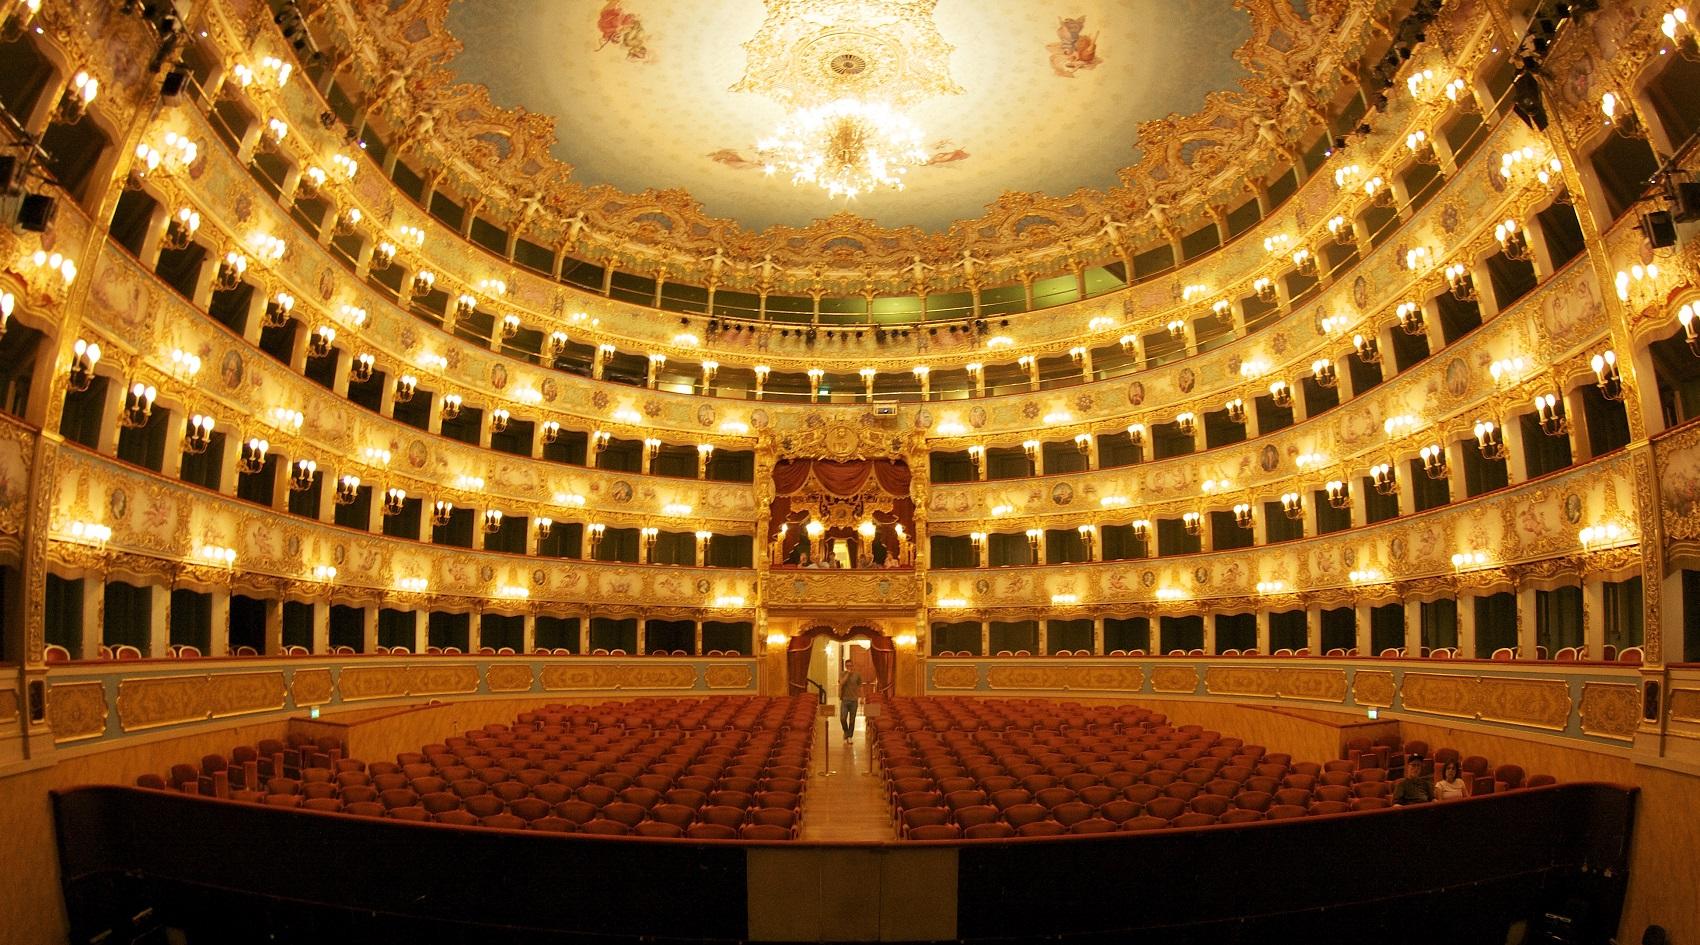 Carnevale al Teatro La Fenice: il calendario in programma a Venezia fino al martedì grasso